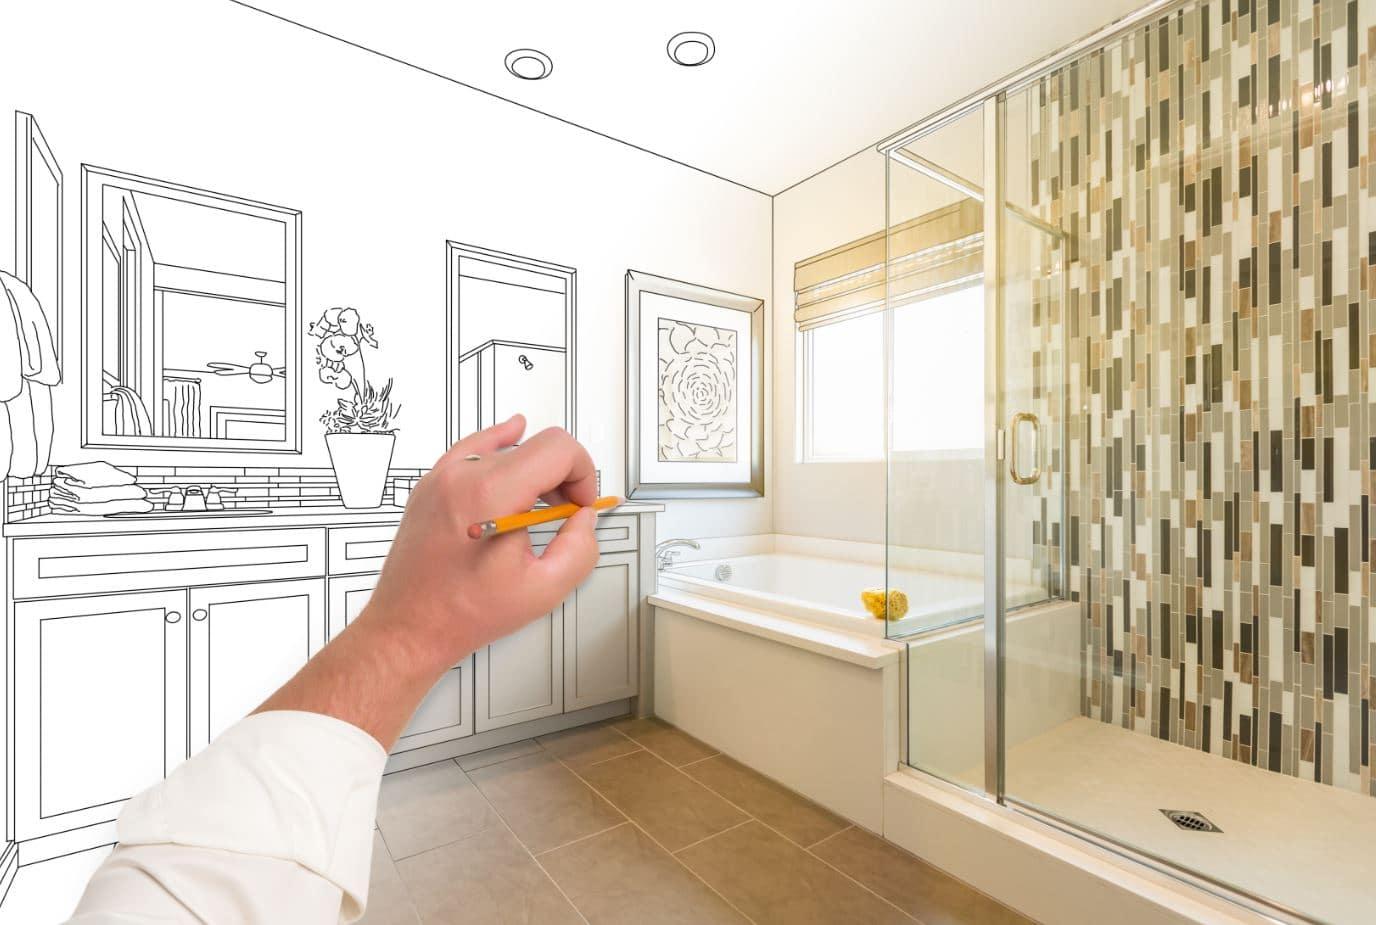 Bathroom Design getting drawn up in Sydney